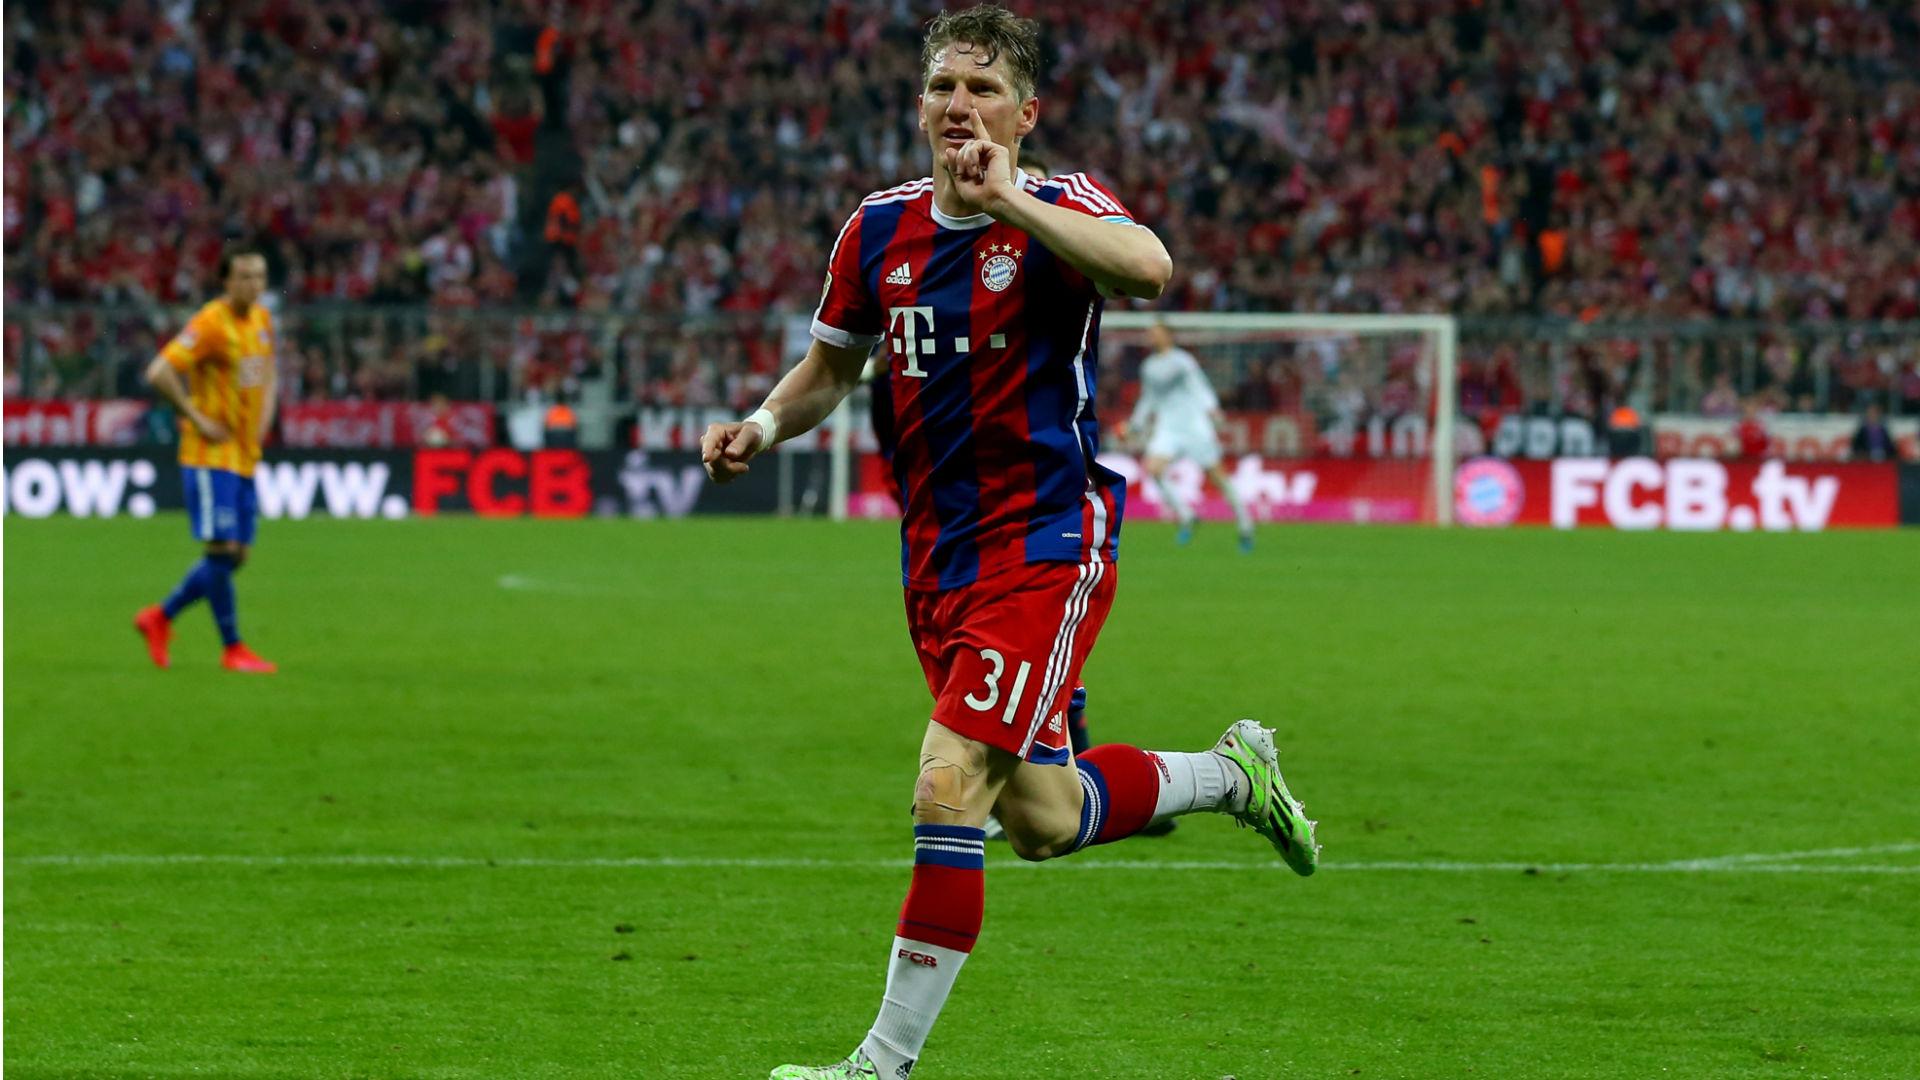 Bastian-Schweinsteiger-51115-getty-ftr.jpg